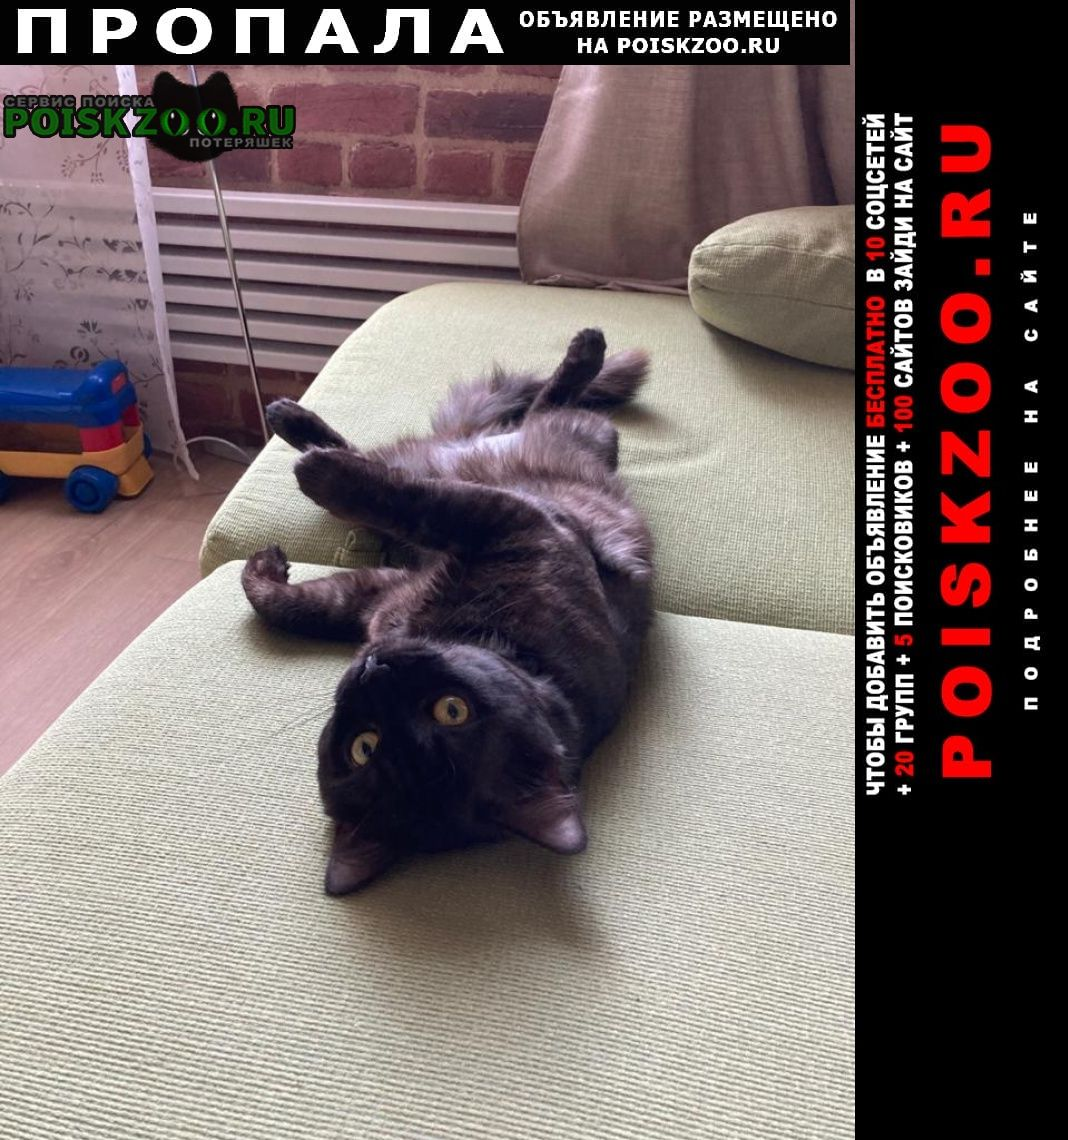 Пропал кот Троицк